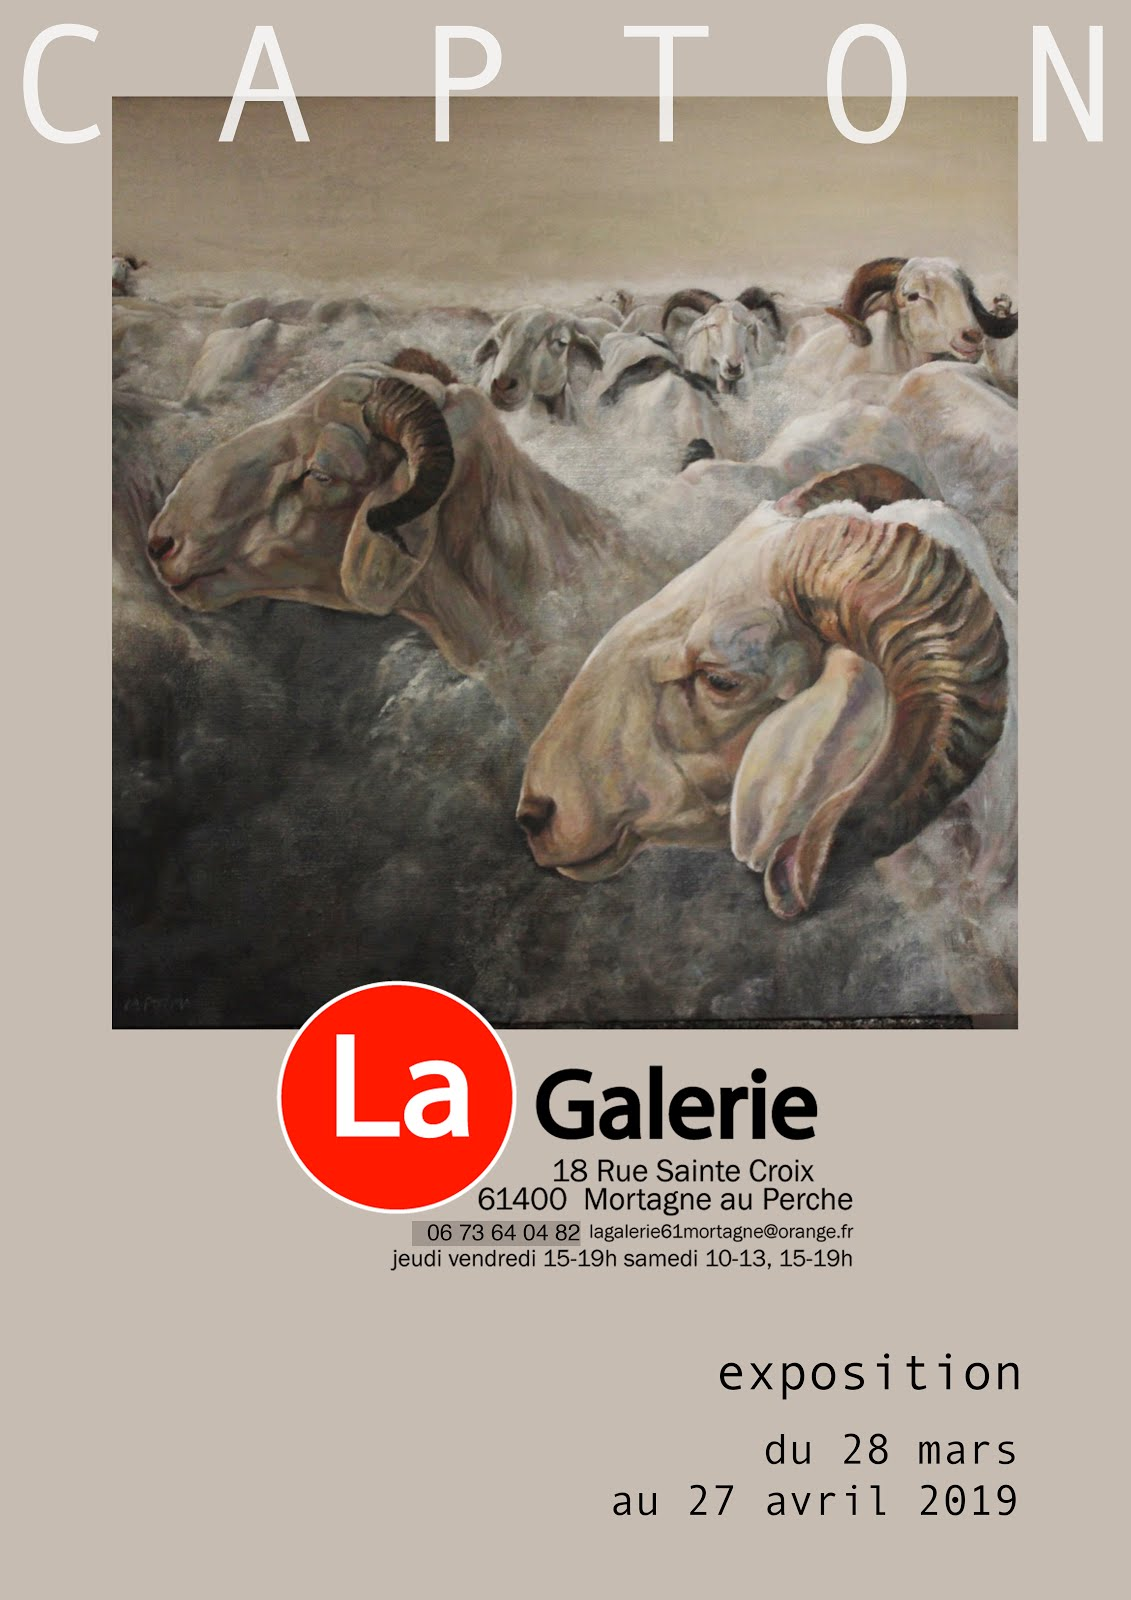 MORTAGNE AU PERCHE : ULTIME EXPO PERSONNELLE DE CAPTON À LA GALERIE MIREILLE SENAUX DURAND